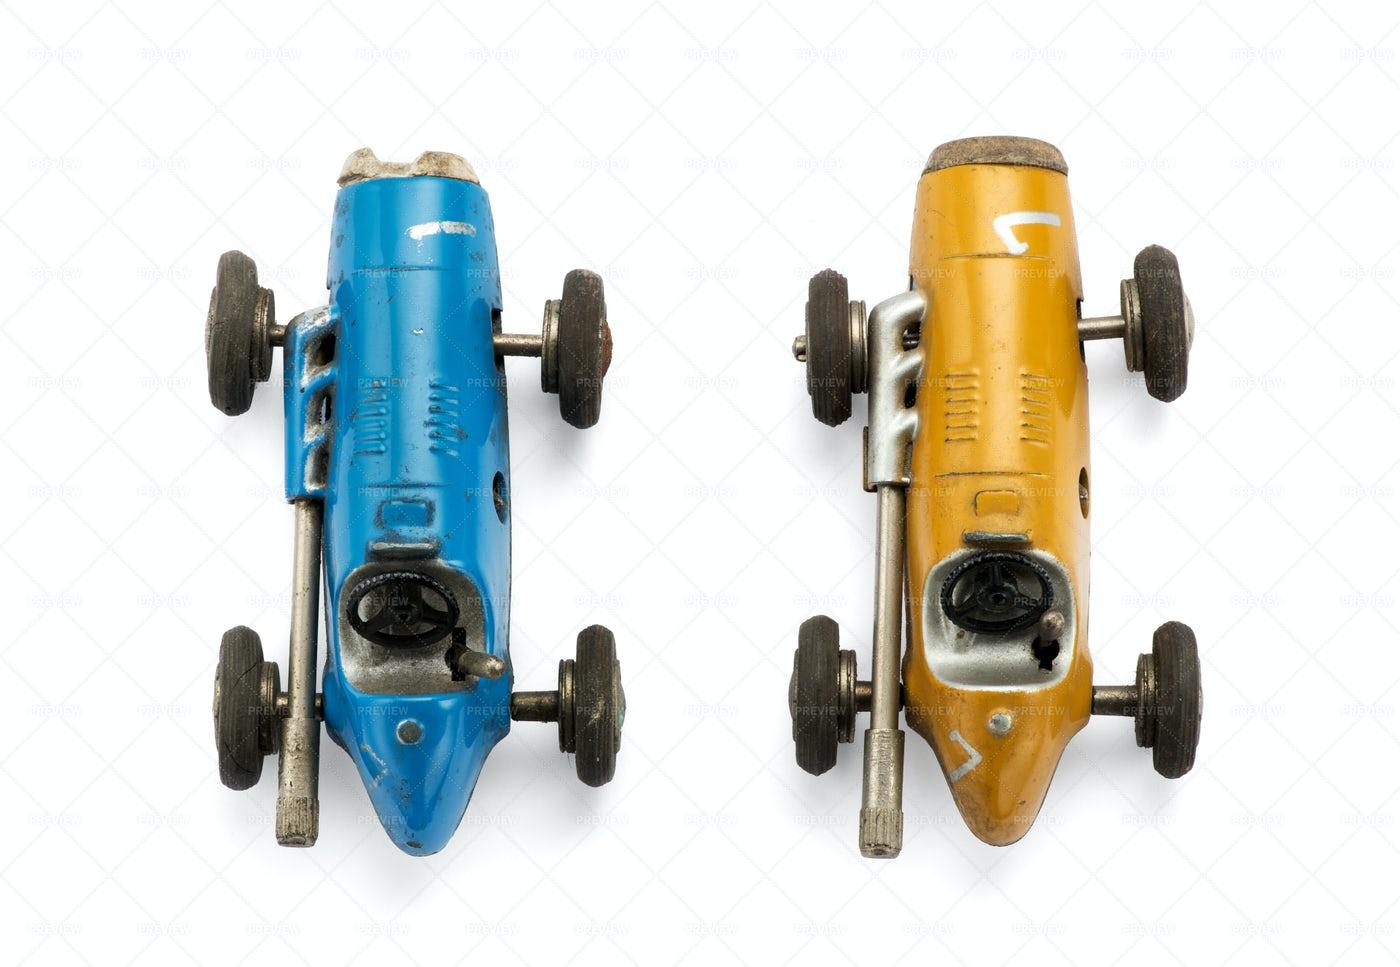 Toy Racing Cars: Stock Photos